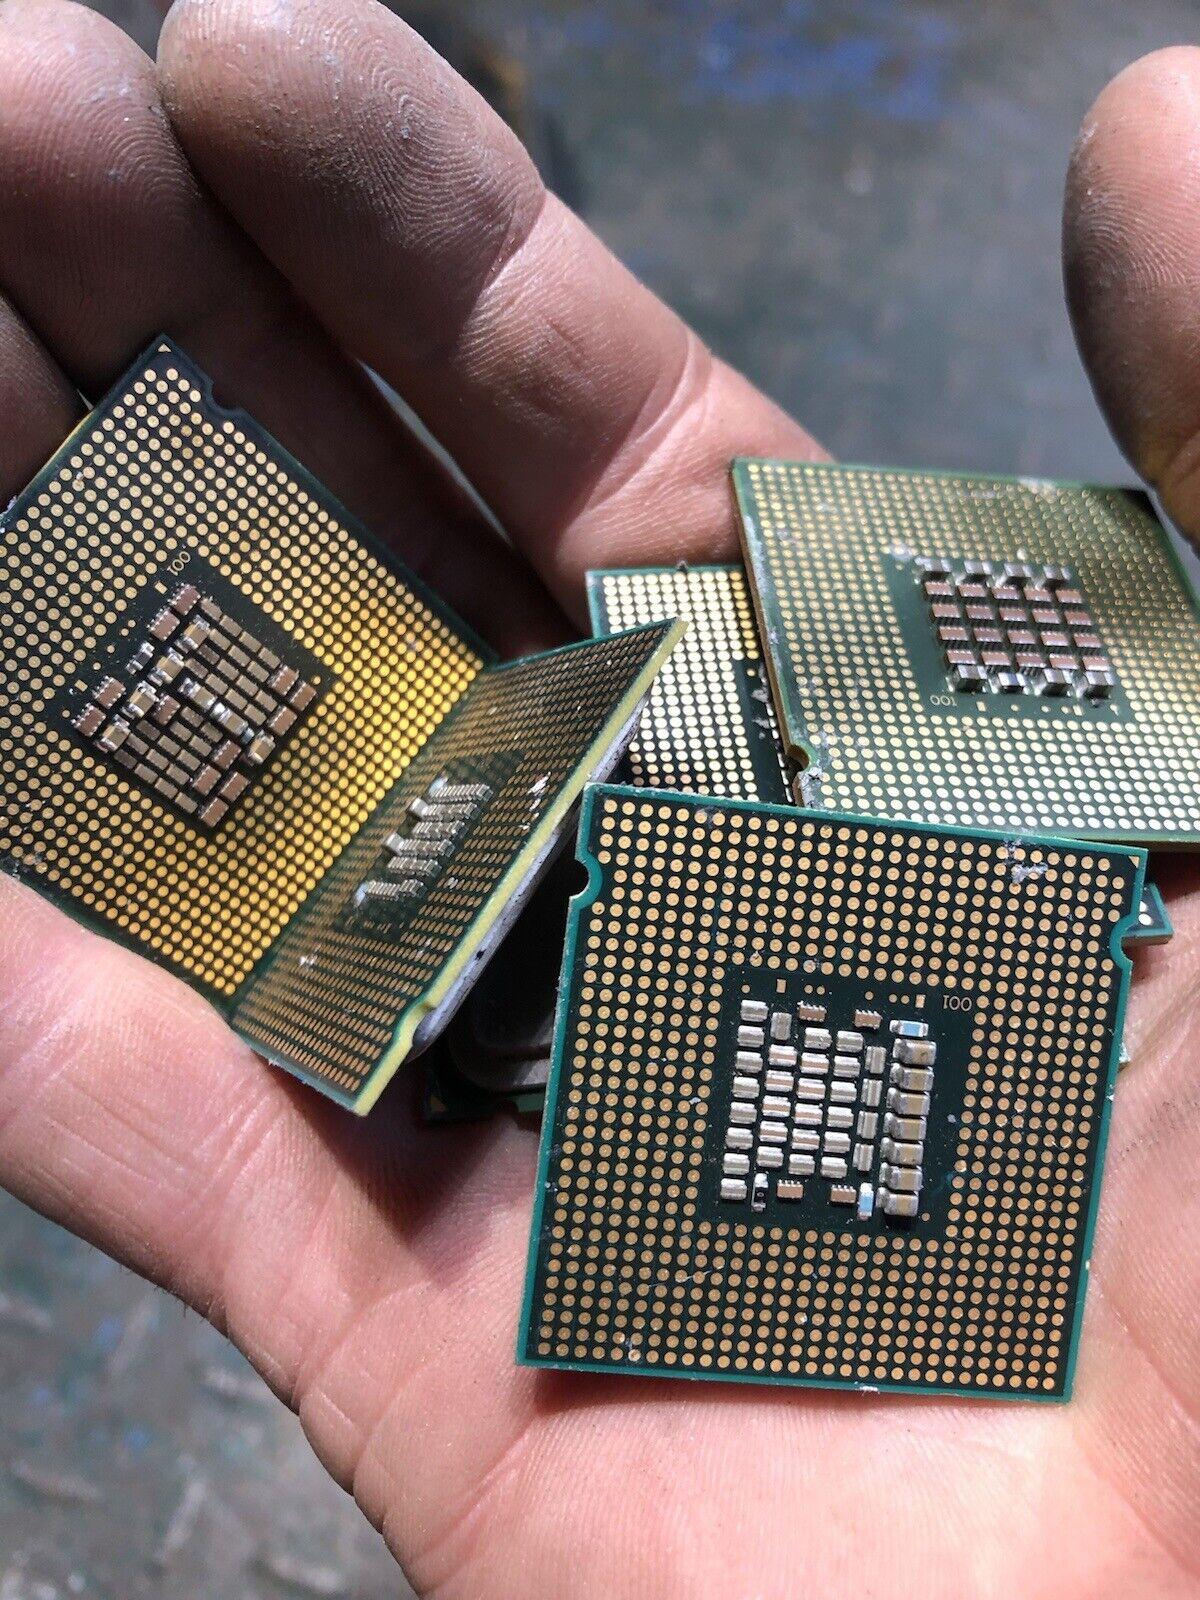 1 Kilo CPUs Computer Scrap Scrap Gold/copper/platinum Recovery Refining Uk